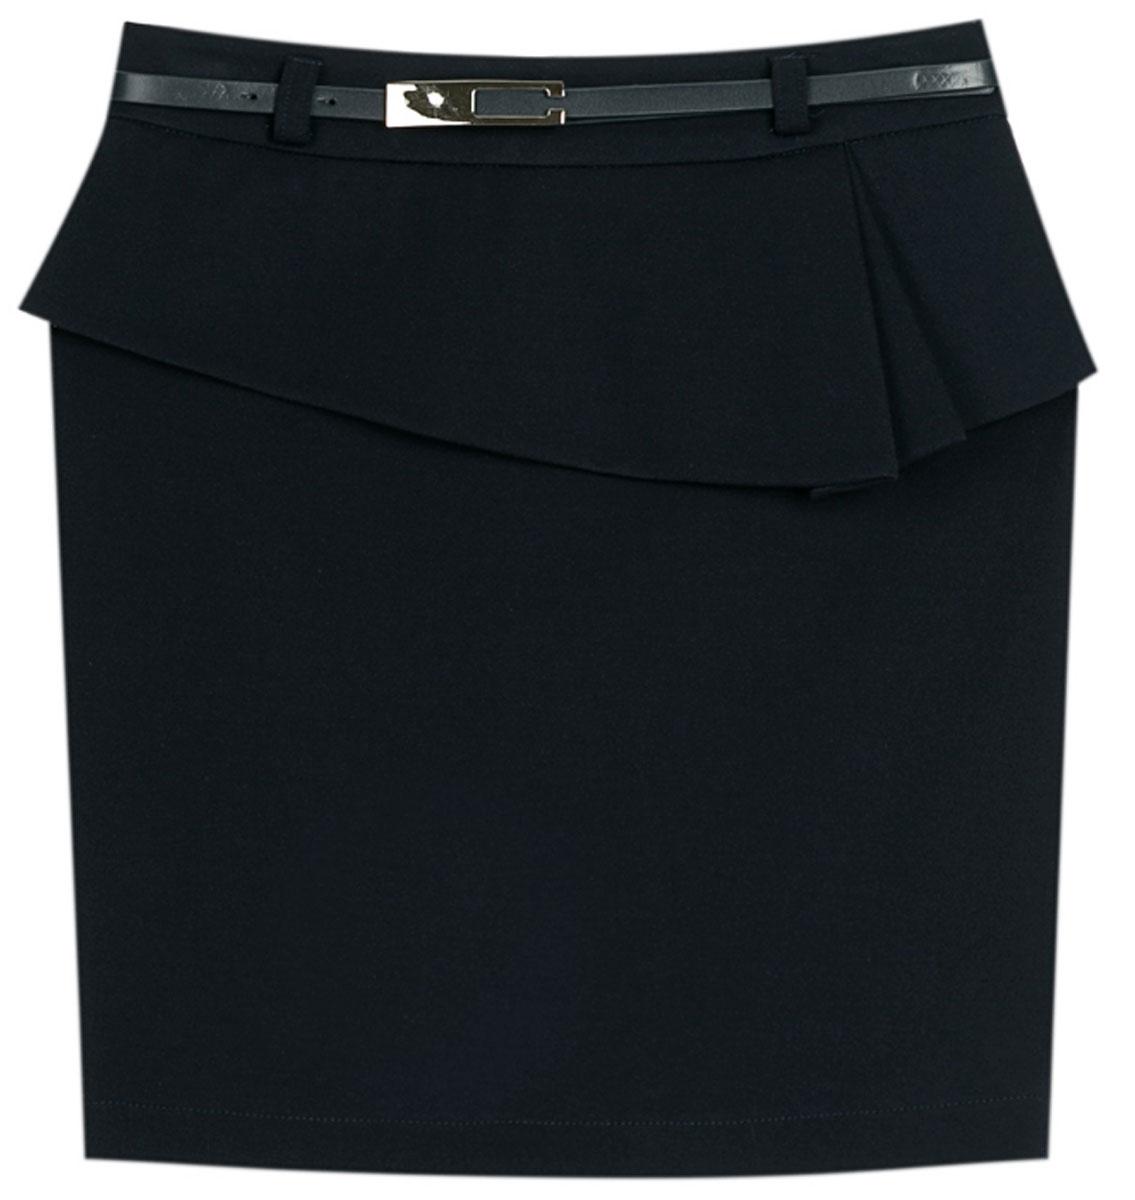 Юбка для девочки Vitacci, цвет: черный. 2173043L-03. Размер 164 юбка для девочки vitacci цвет черный 2173043l 03 размер 164